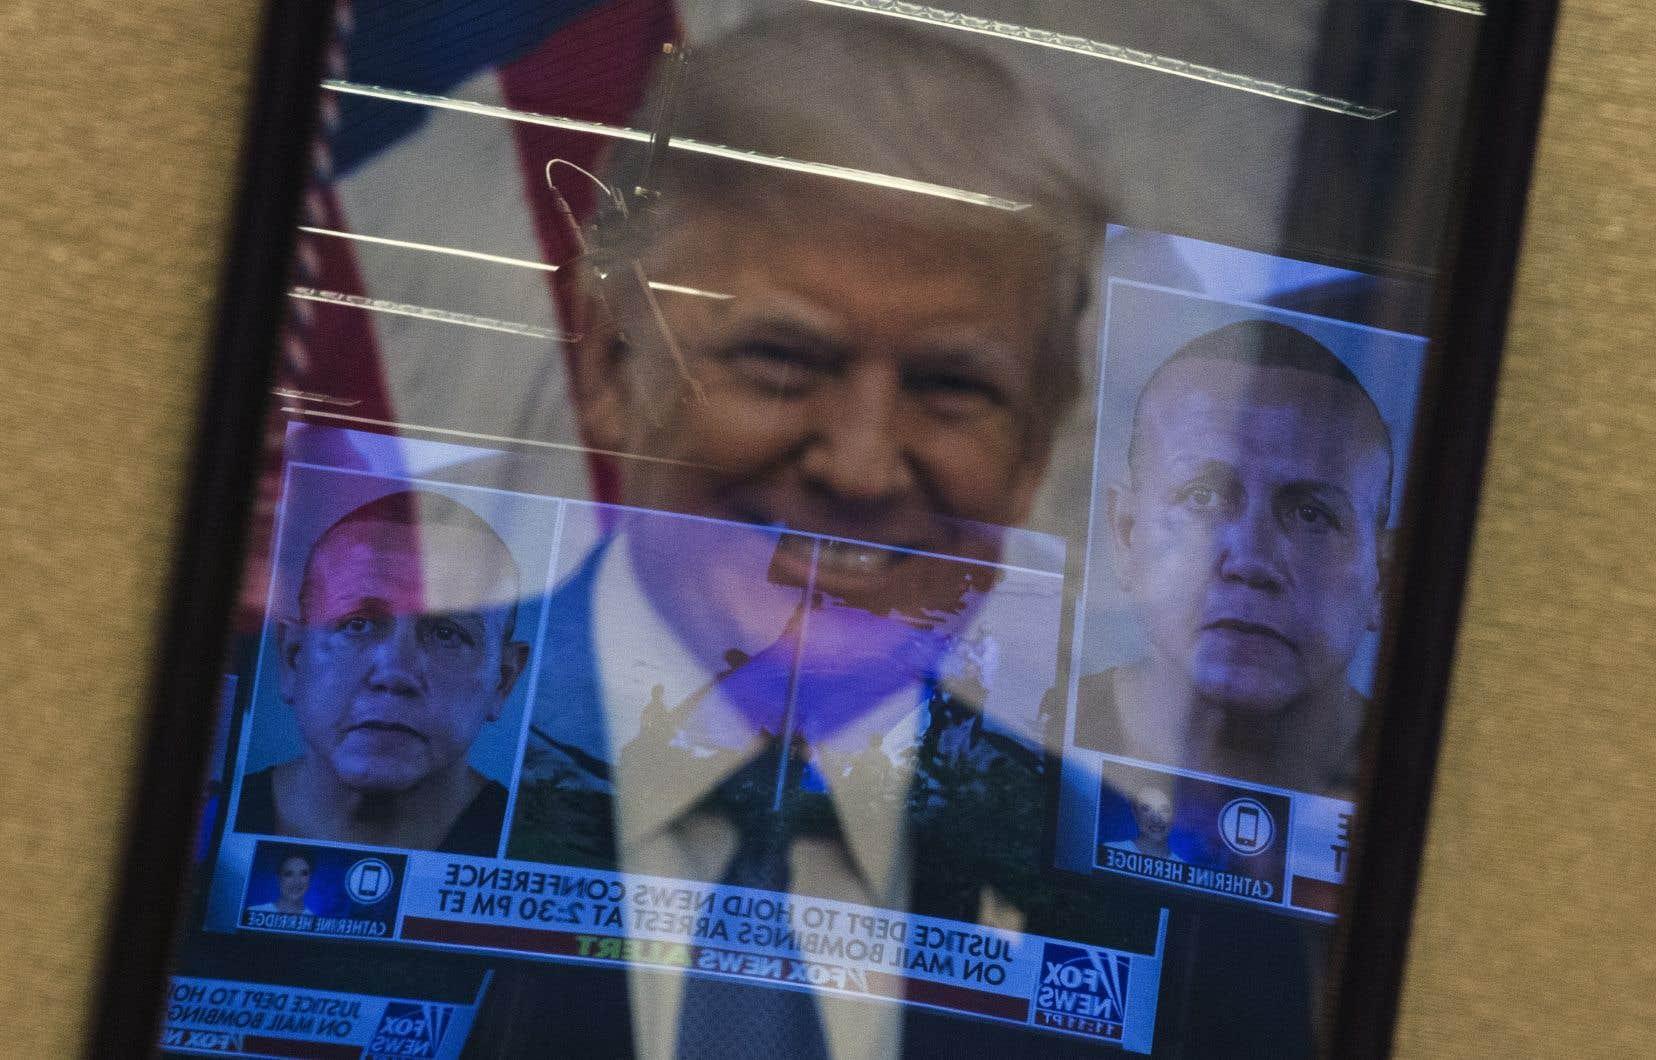 Le suspect Cesar Sayoc, qui a déjà eu des démêlés avec la justice, donne l'image d'un homme farouchement pro-Trump.